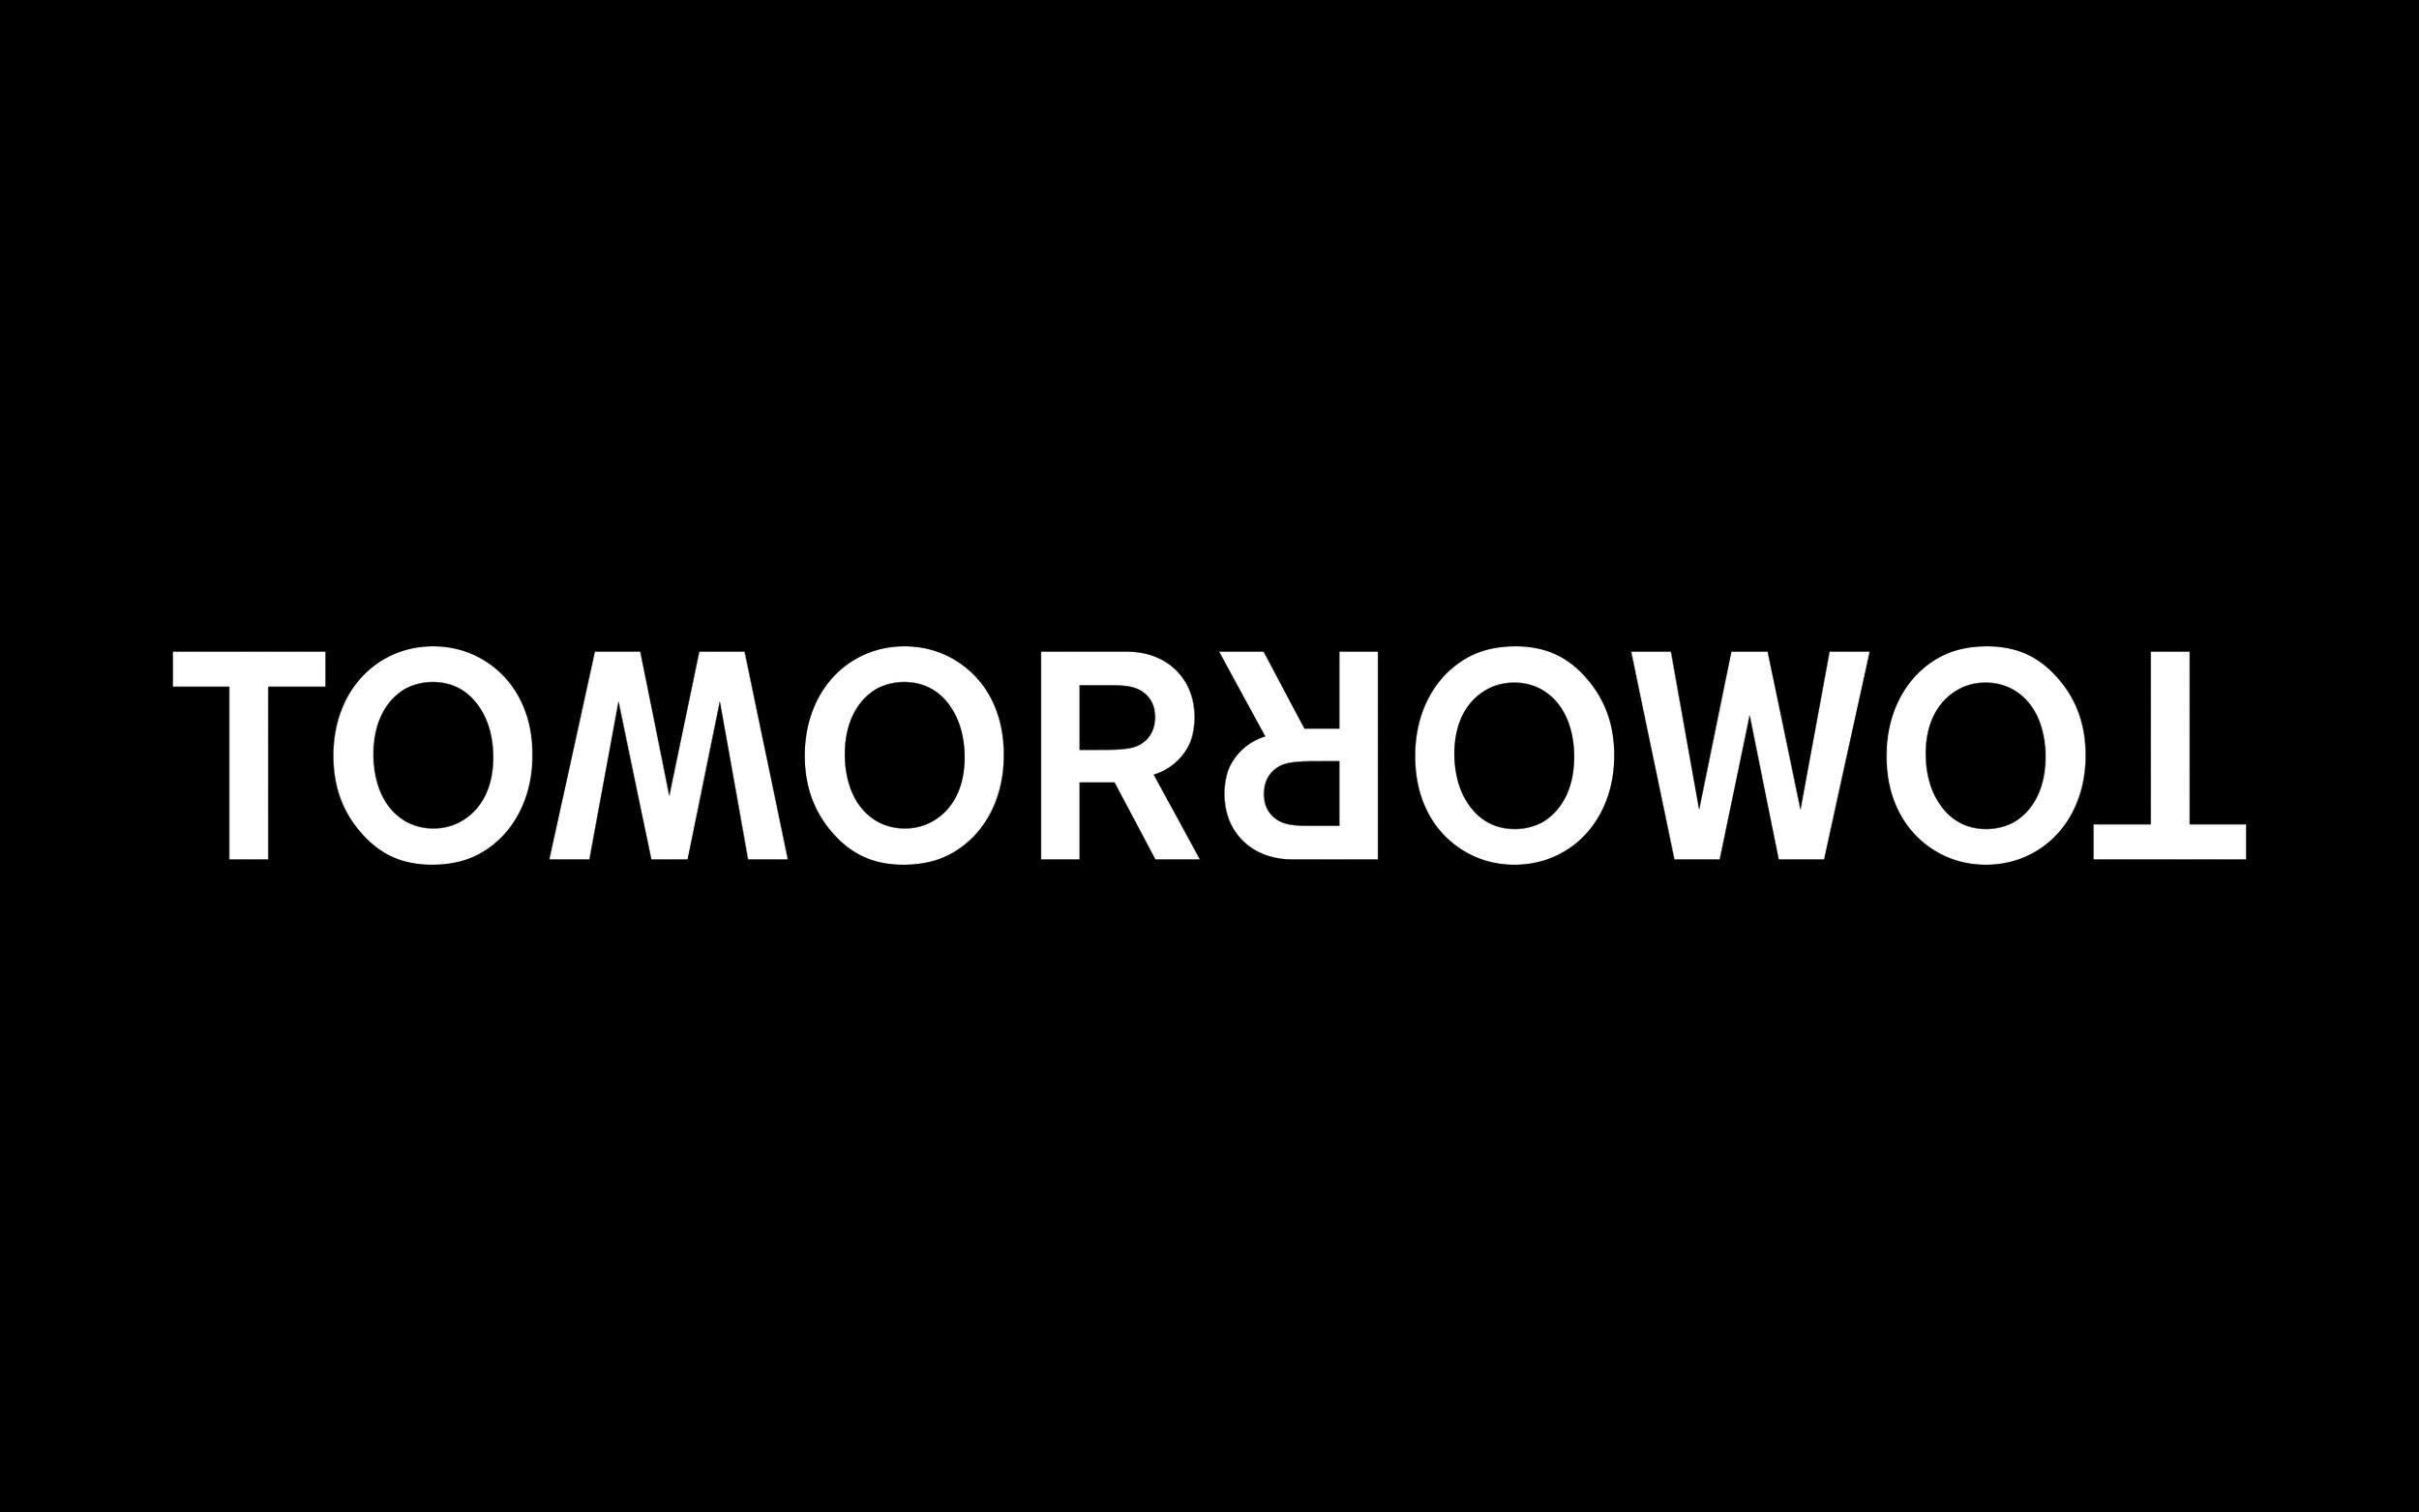 TomorrowoT.jpg